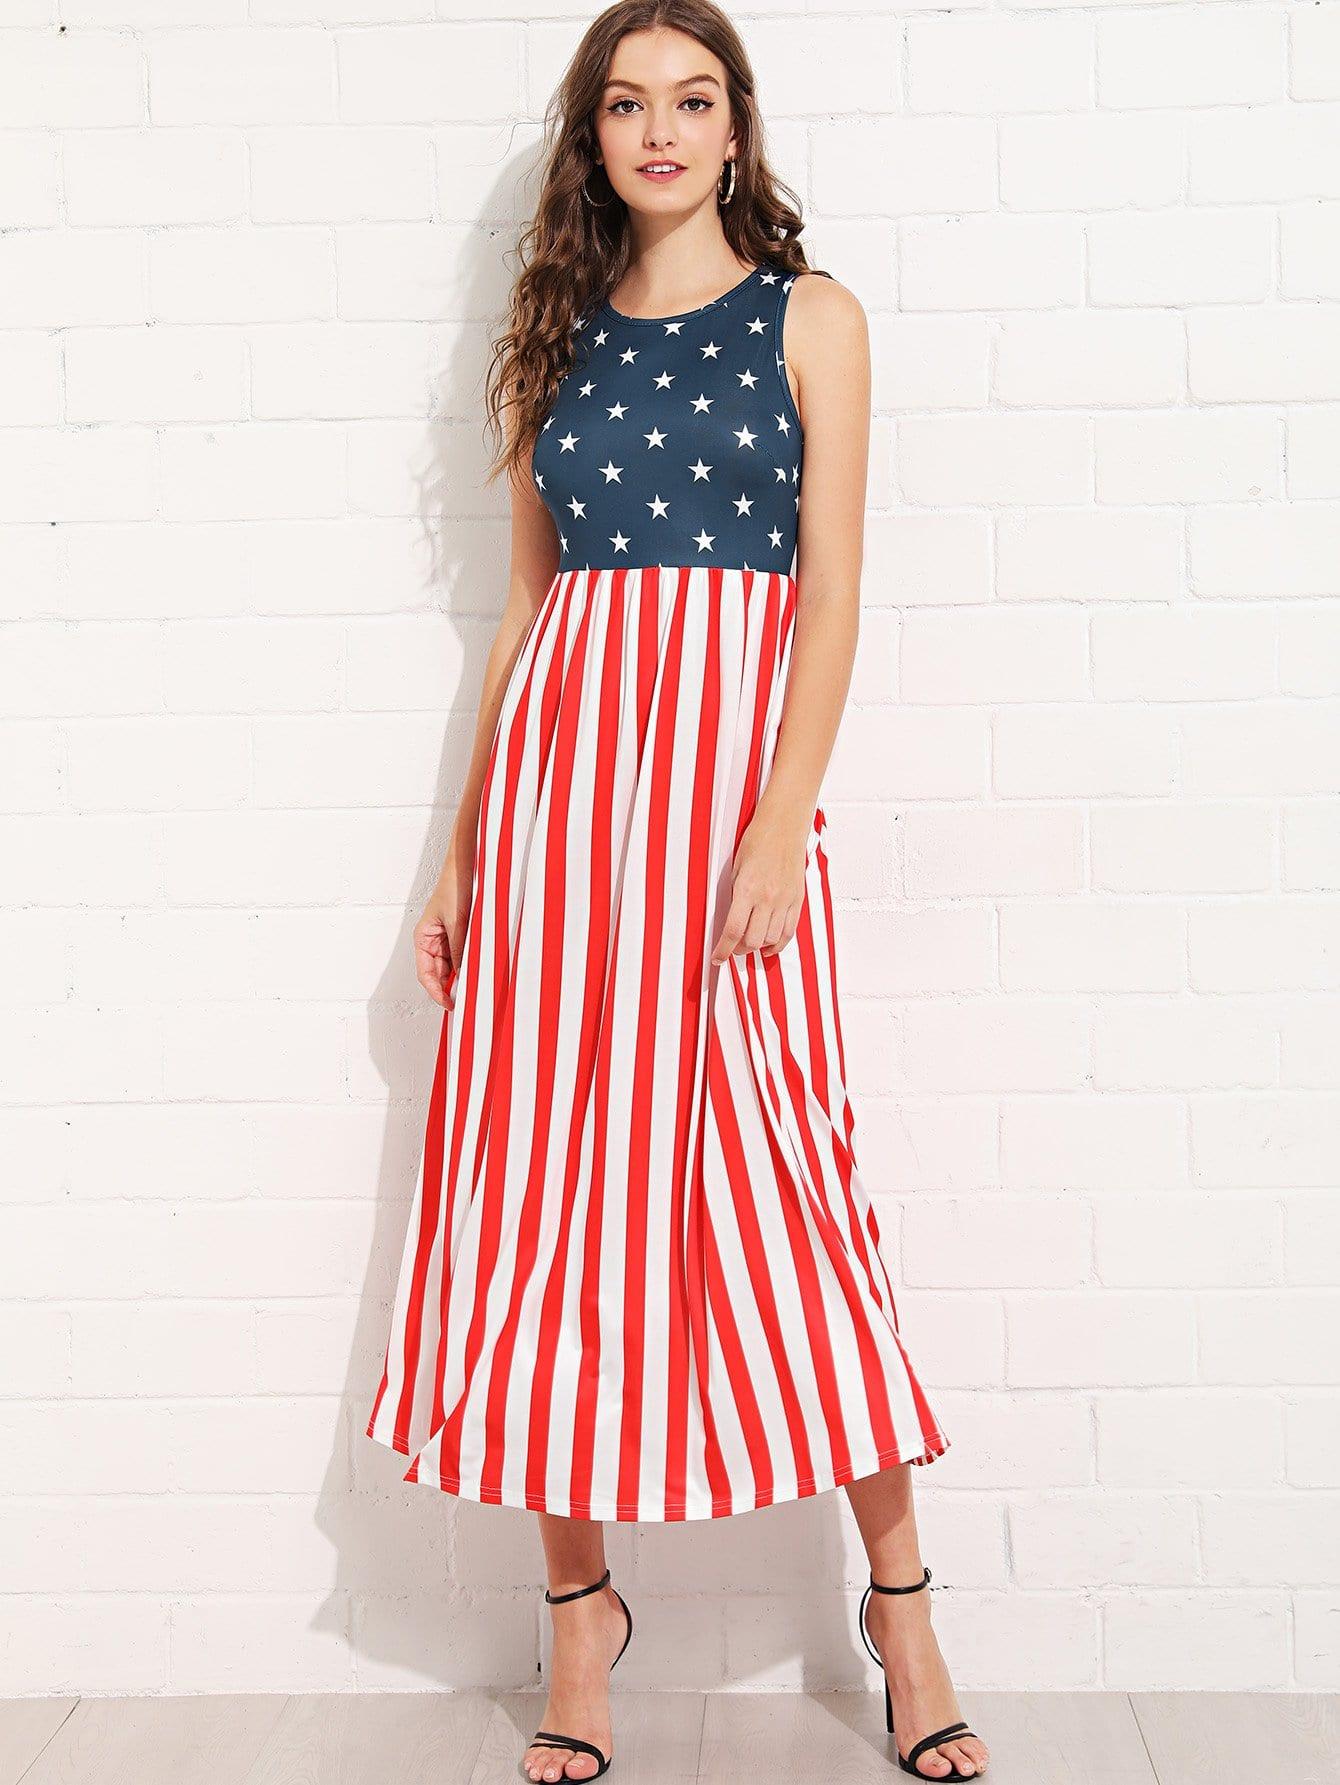 SheIn(Sheinside)-Ropa de moda para mujer,Topos,la tienda de vestido